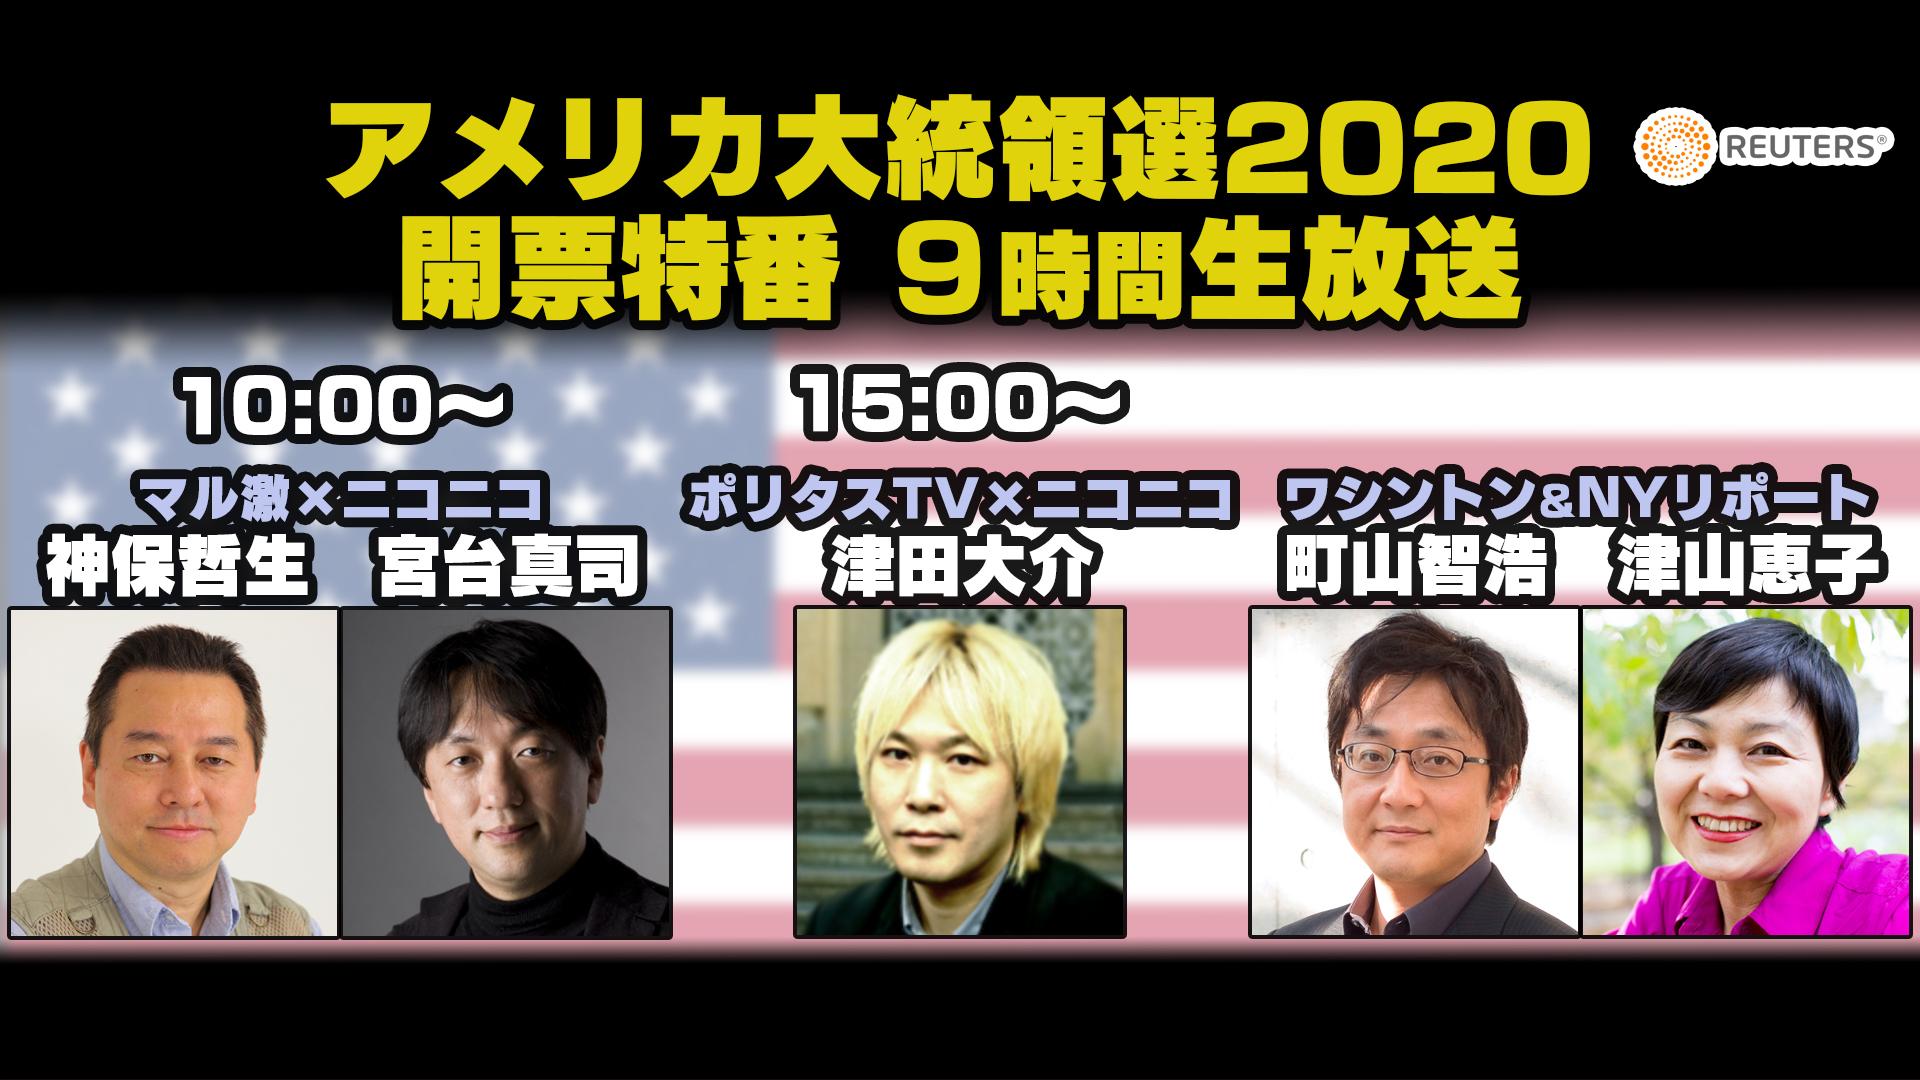 開票 アメリカ 大統領 選挙 アメリカ(米国)大統領選挙2020の速報と開票結果